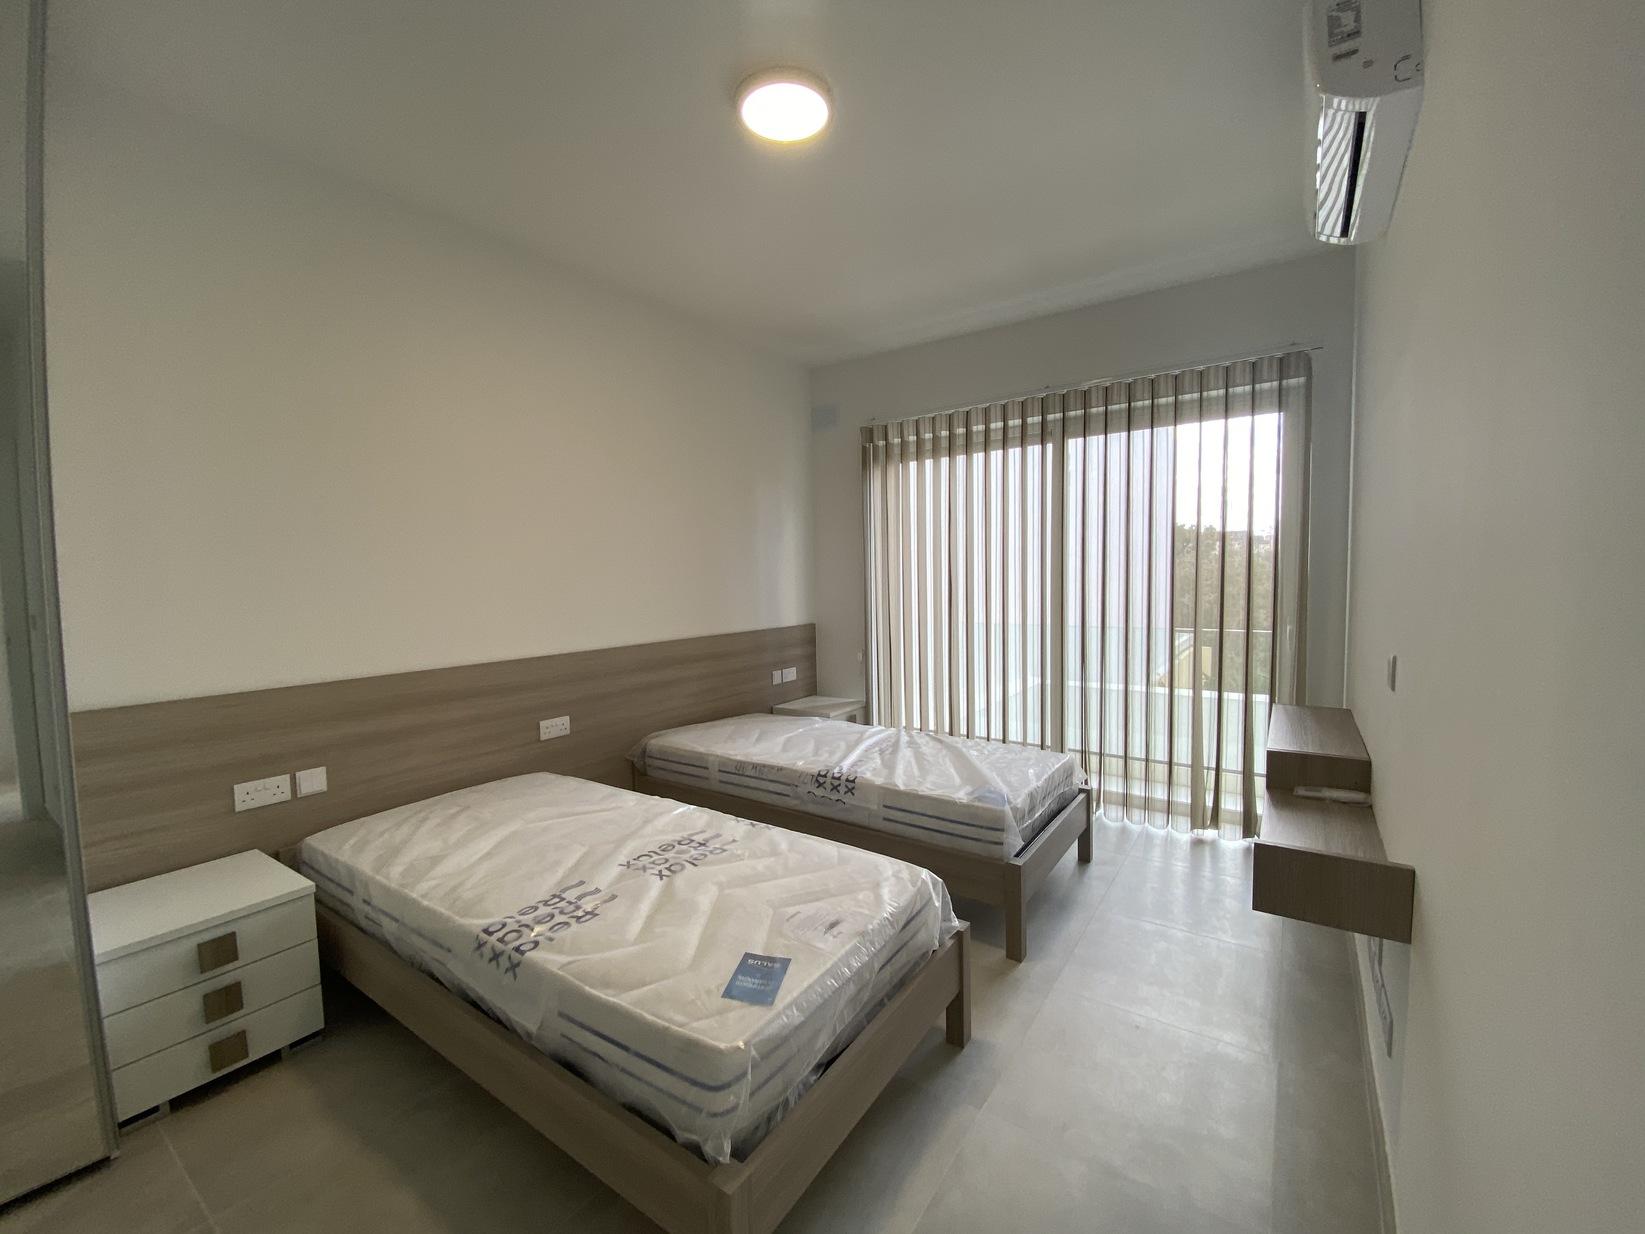 3 bed Apartment For Rent in Lija, Lija - thumb 7